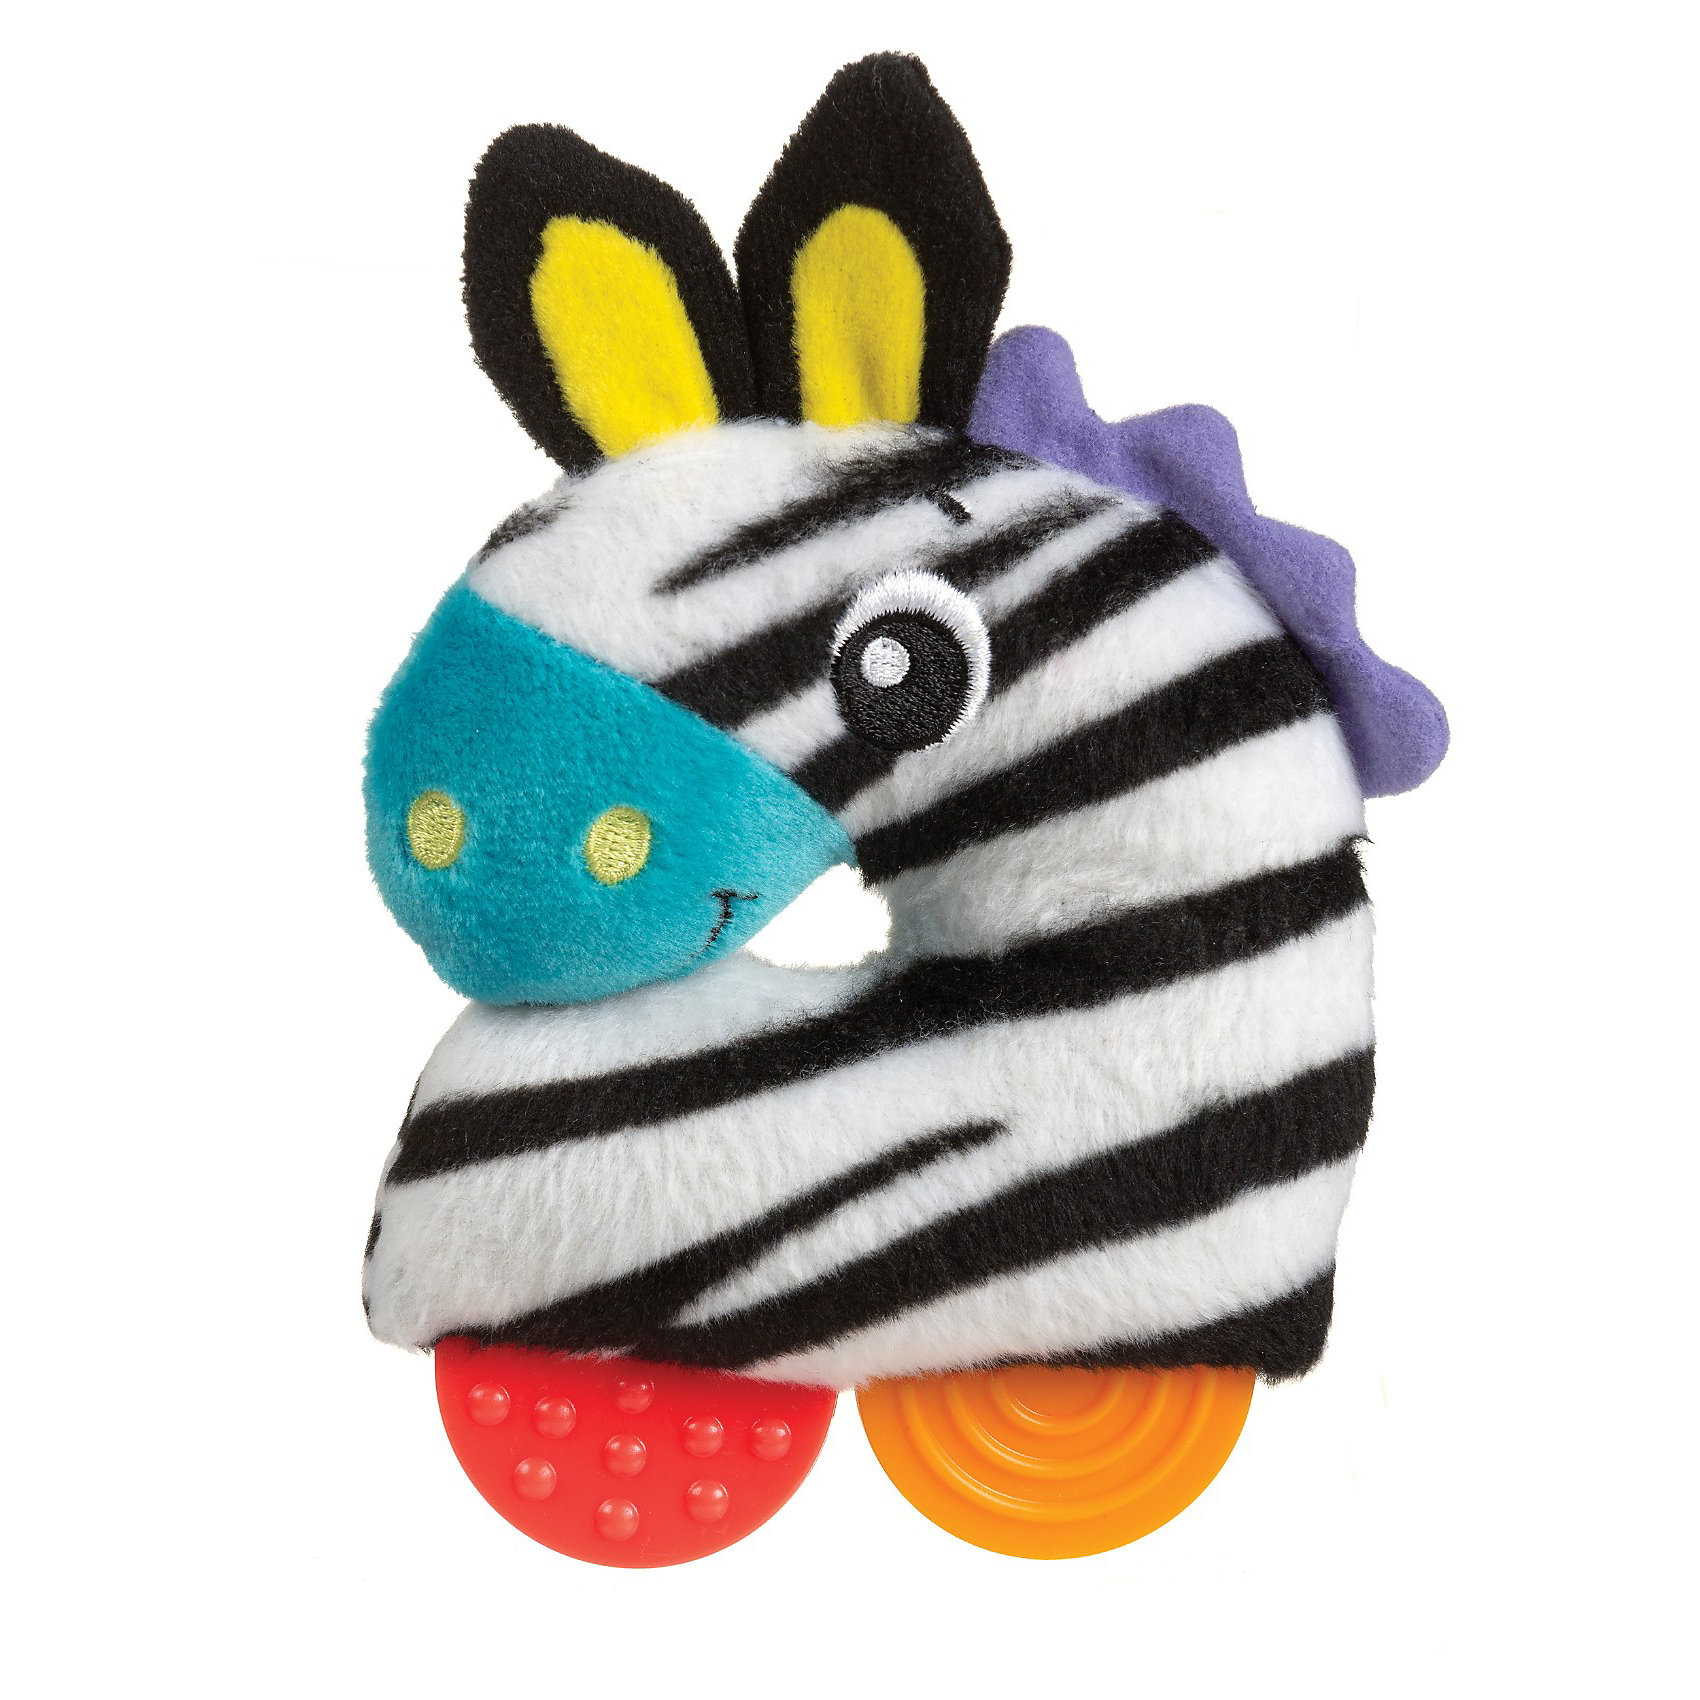 Playgro Игрушка-погремушка Зебра Playgro погремушки playgro игрушка погремушка тигр